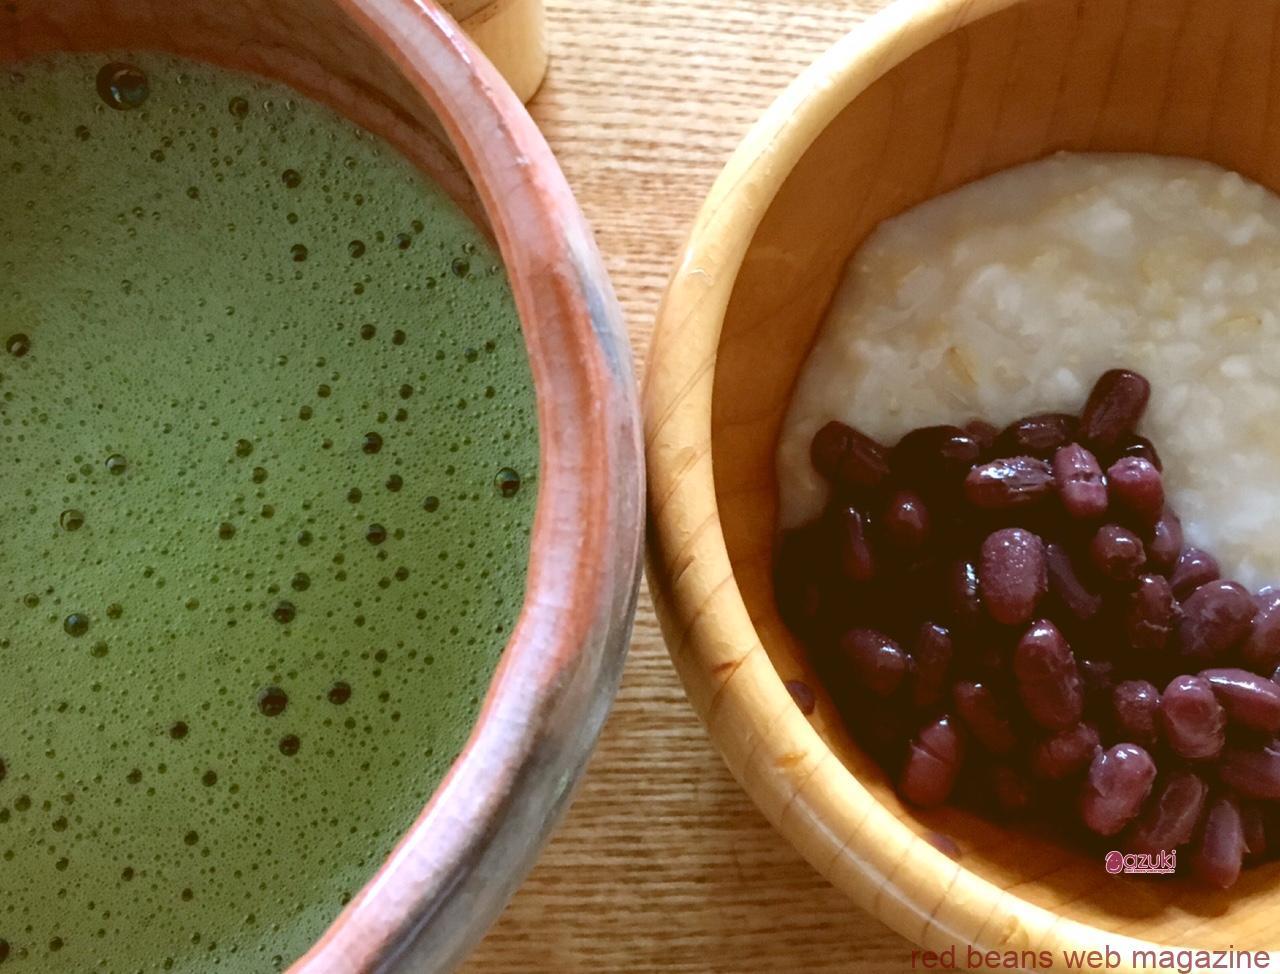 小豆と抹茶と甘酒の、身体にいいおやつで日本を感じよう!  ----日本を伝える国際交流イベントで、抹茶シャカシャカ体験できます----